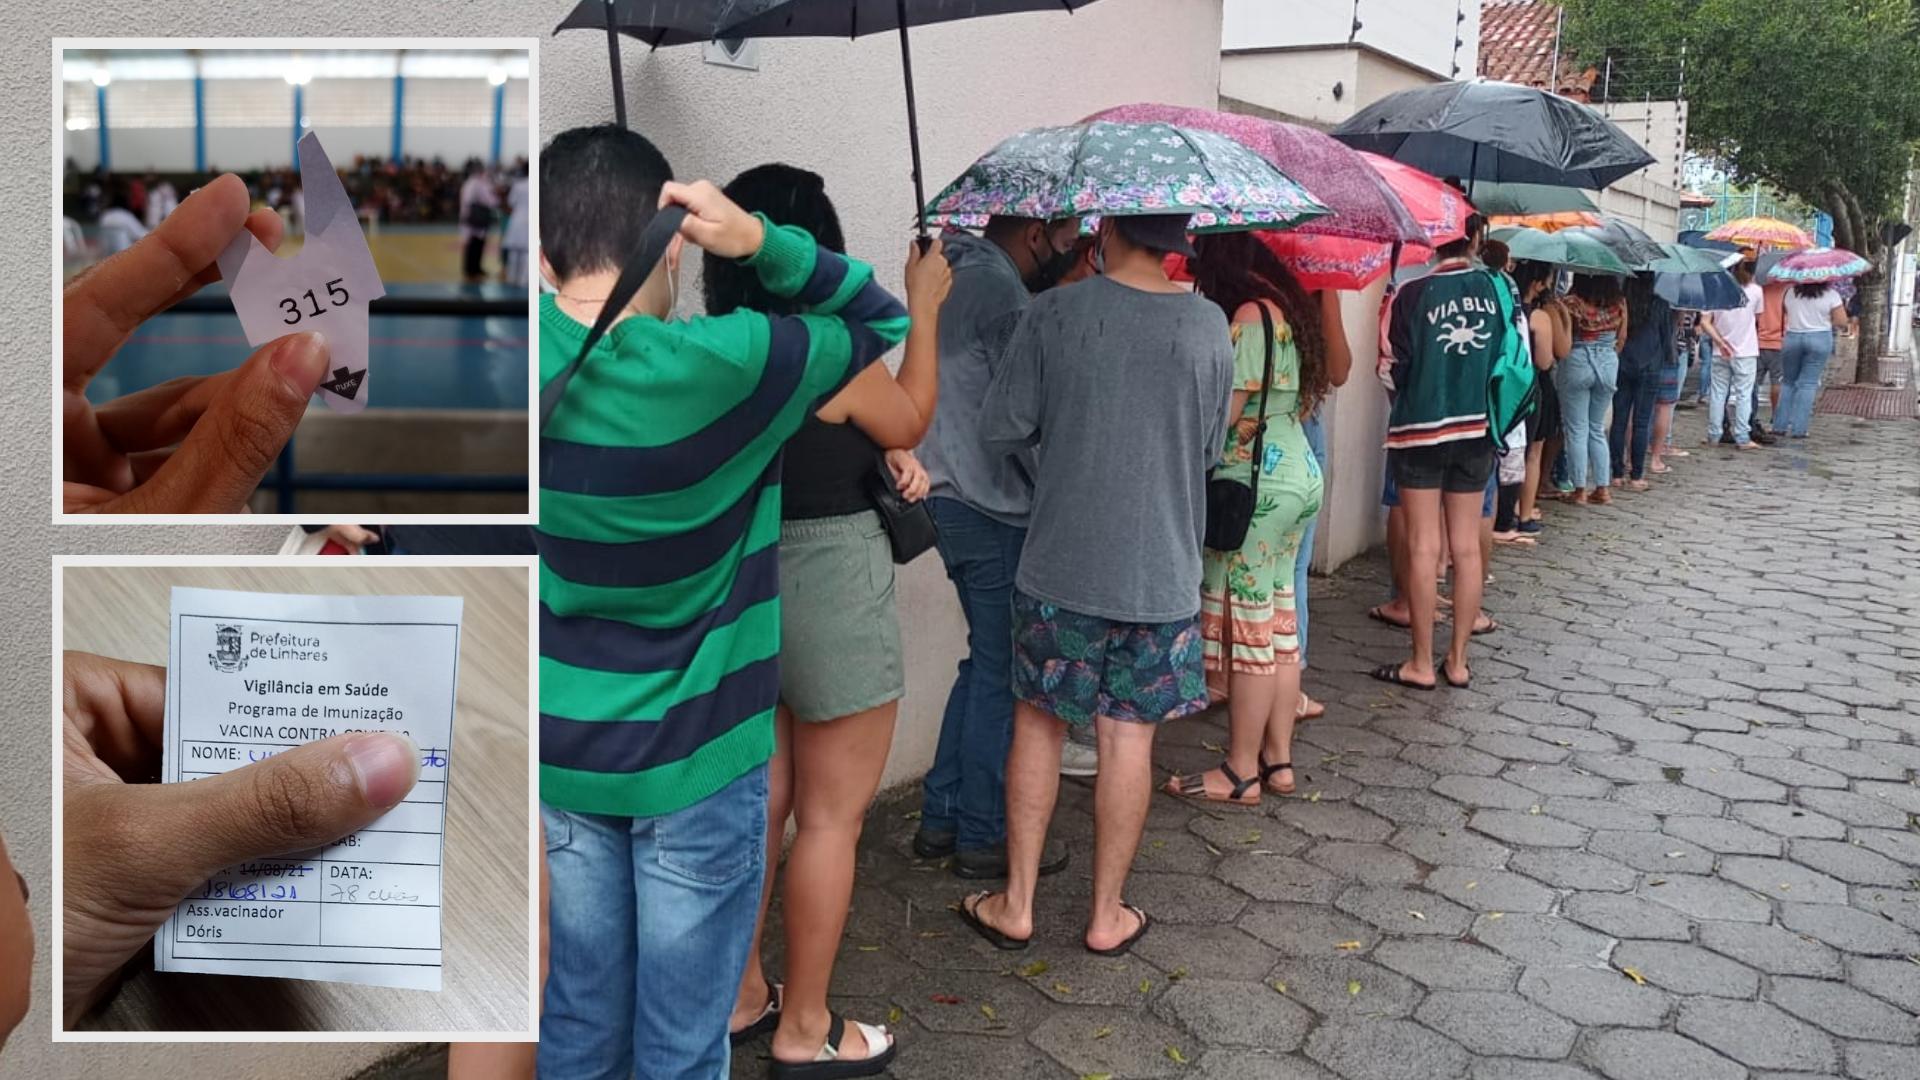 Fila e chuva forte: a saga de repórter em busca da 1ª dose de vacina no ES. Crédito: Arquivo pessoal / Montagem A Gazeta